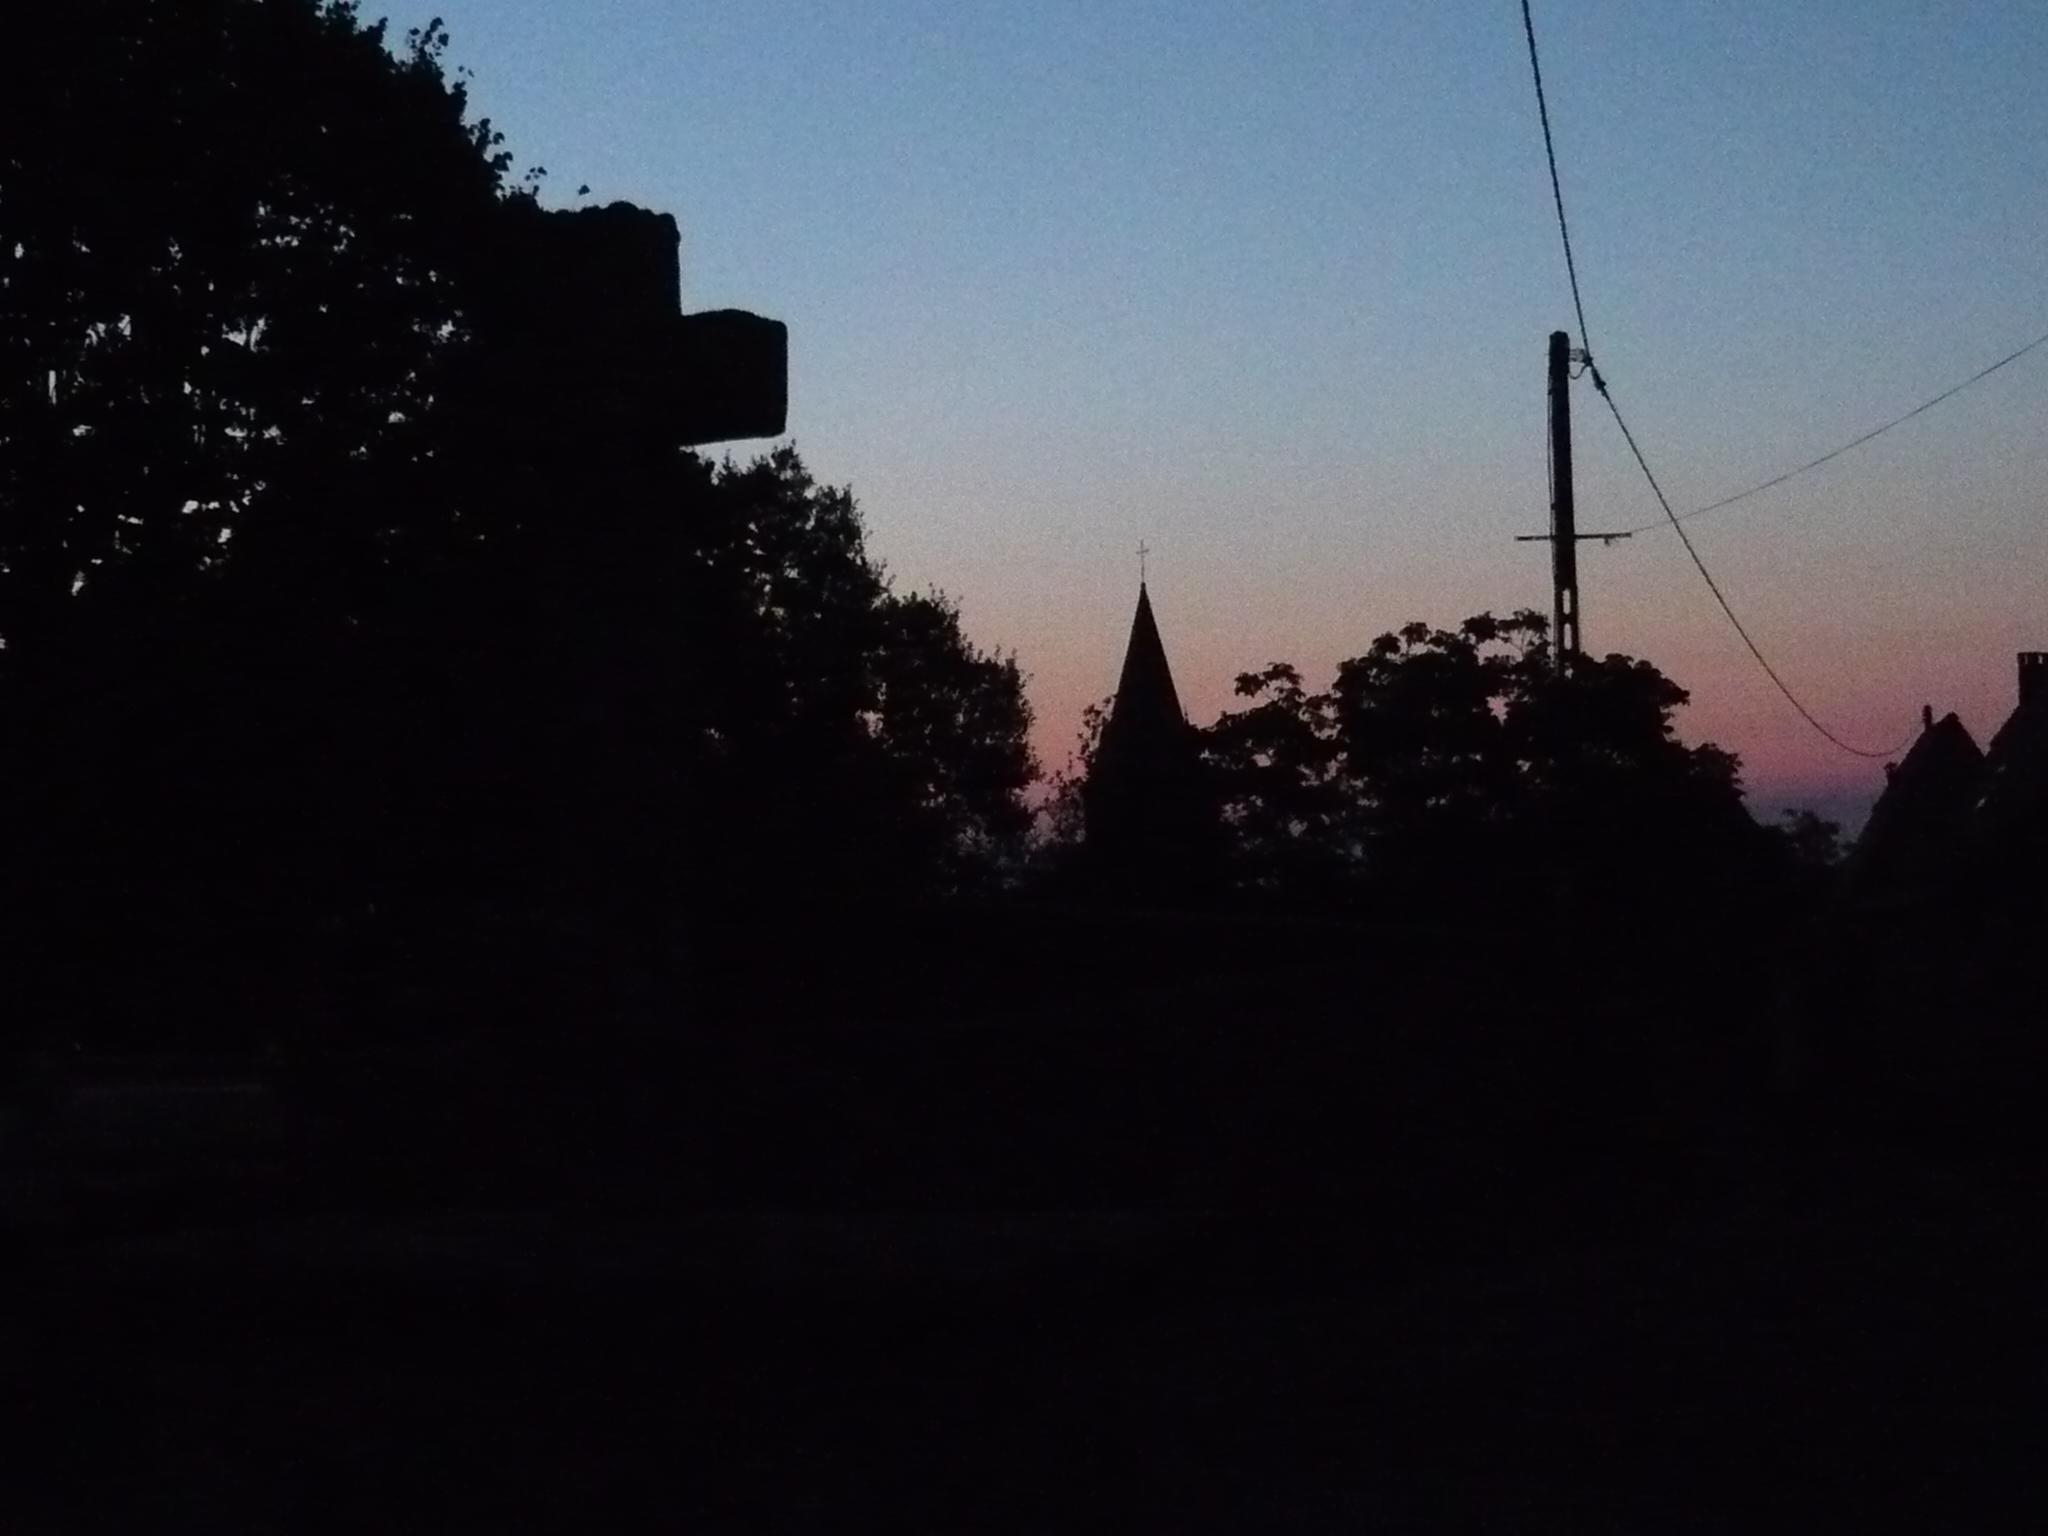 6 heures du matin, le jour se lève à peine